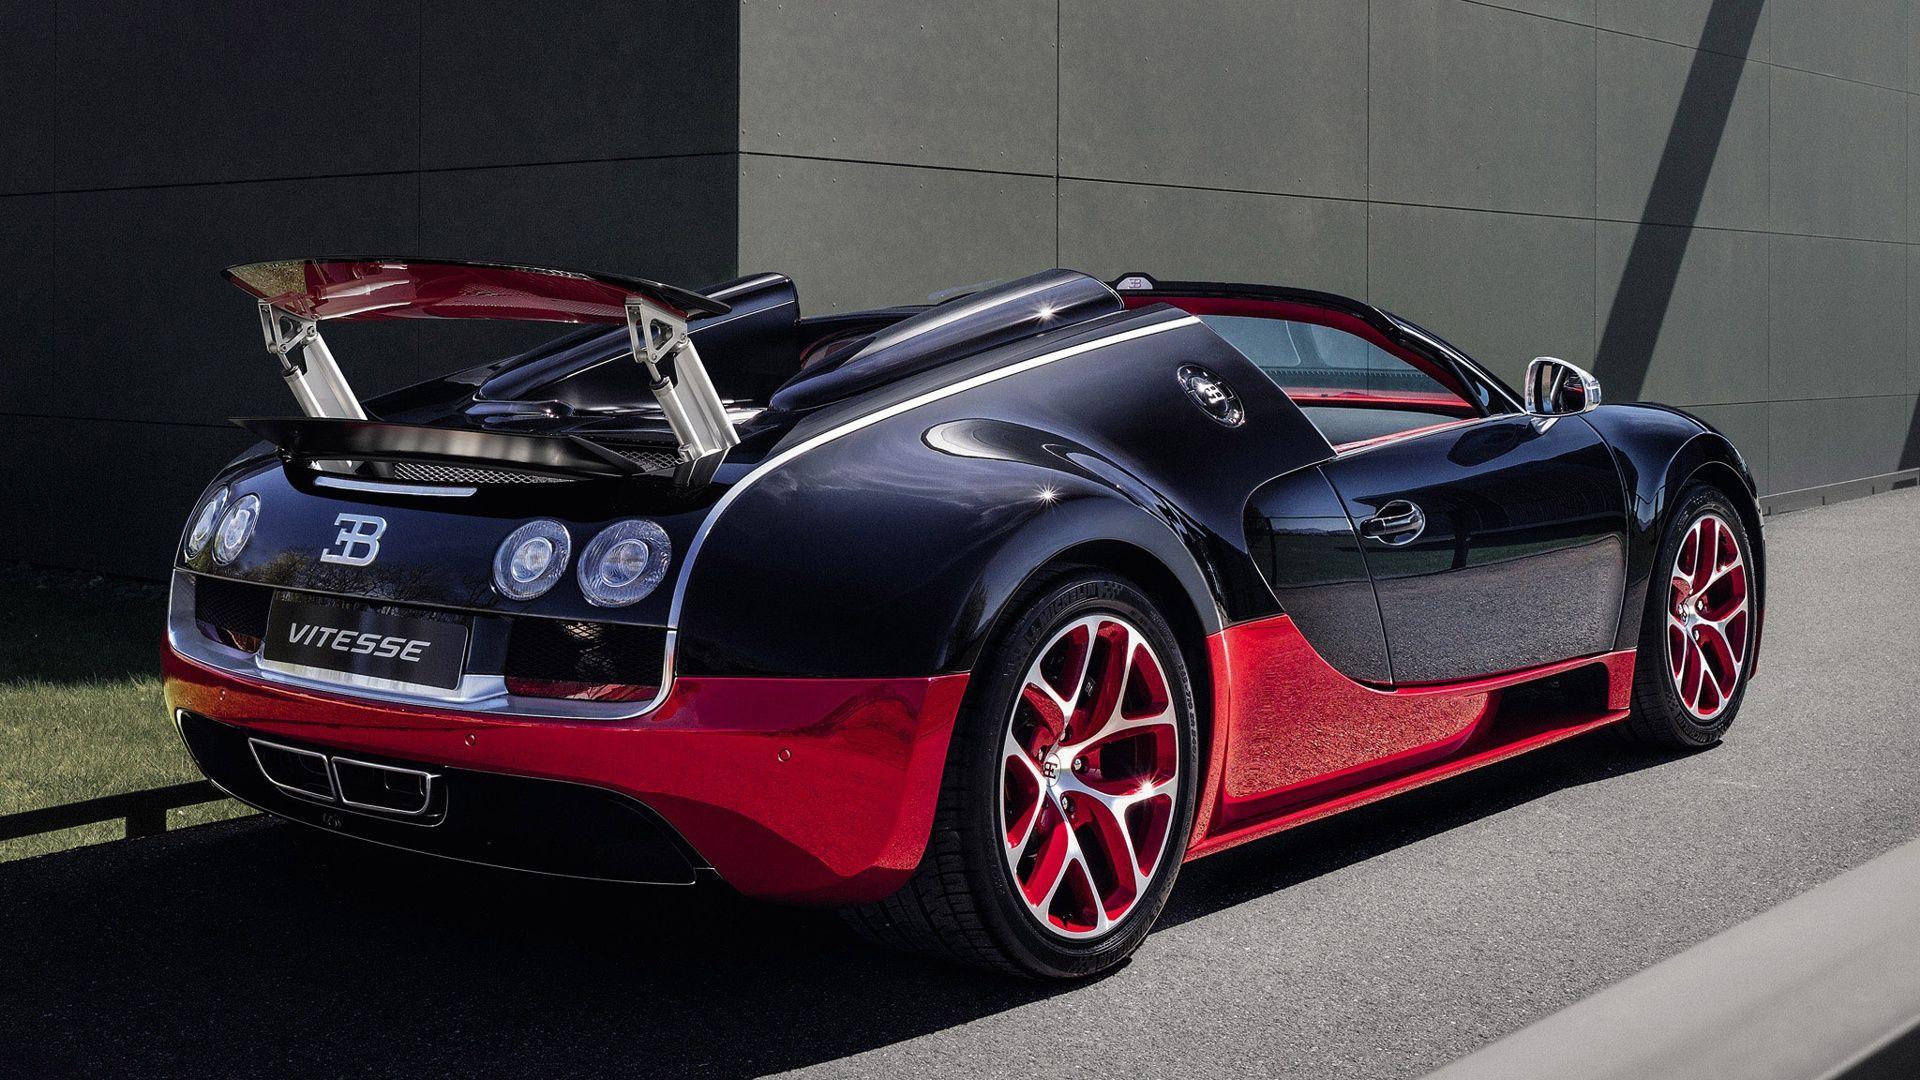 Bugatti Veyron Grand Sport Roadster Vitesse On Hd Wallpapers From Http Www Hotszots Eu Bugatti Veyron Bugatti Veyron Grand Sport Vitesse Sports Cars Bugatti